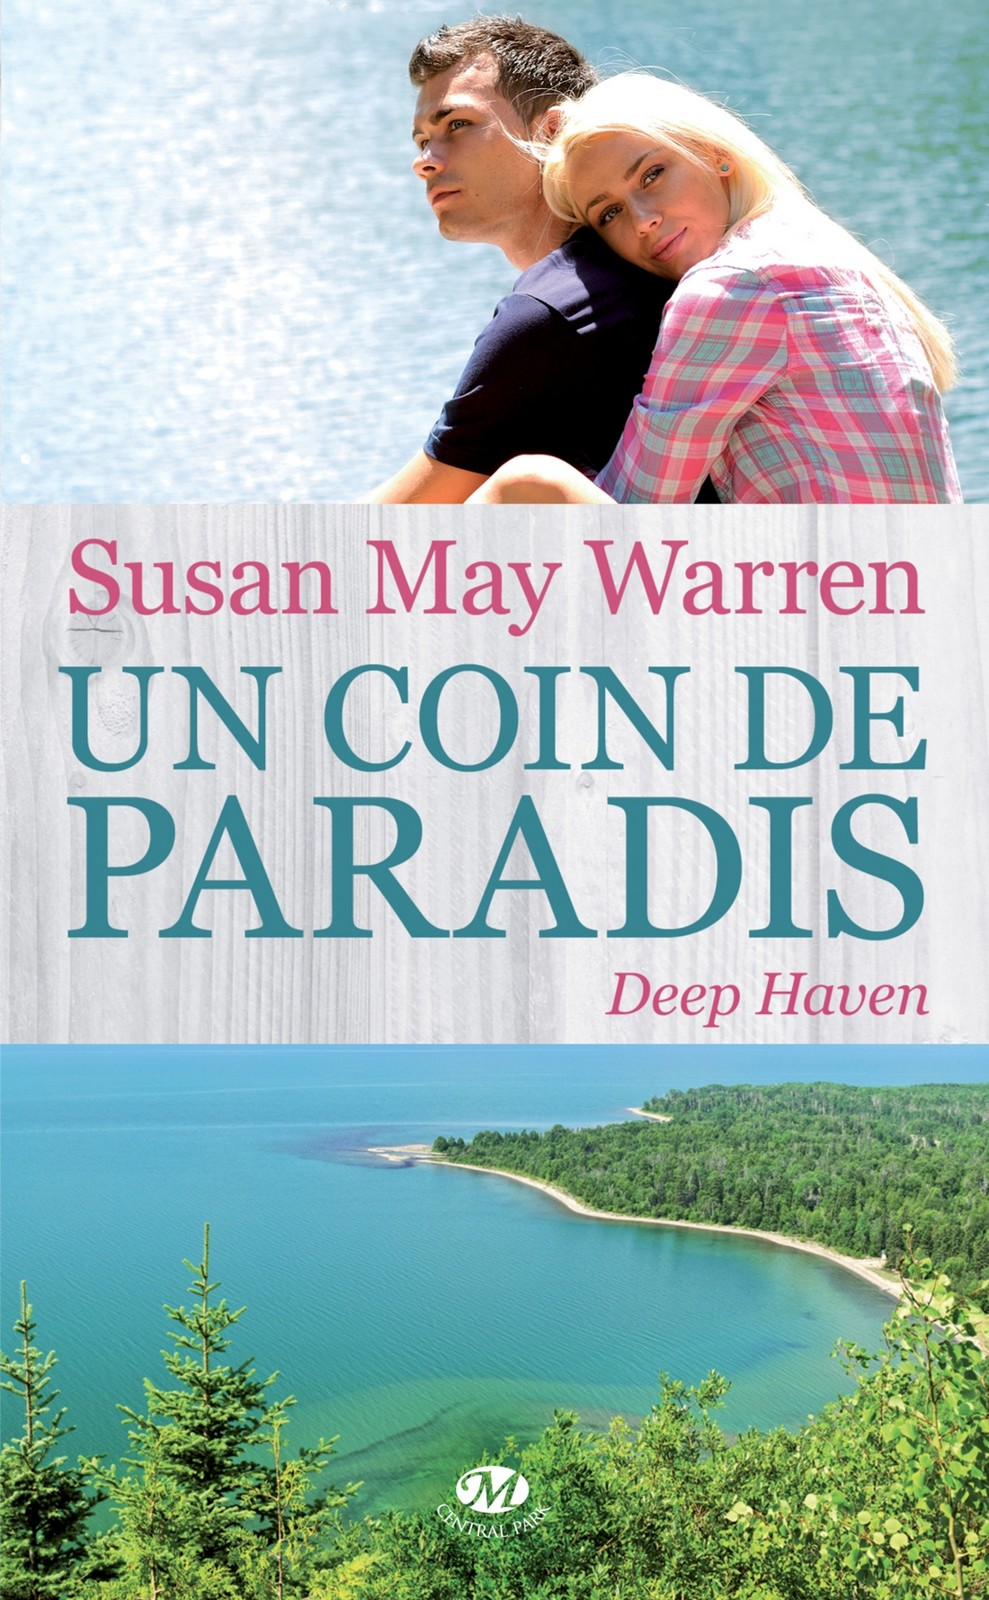 Susan May Warren - Un coin de paradis